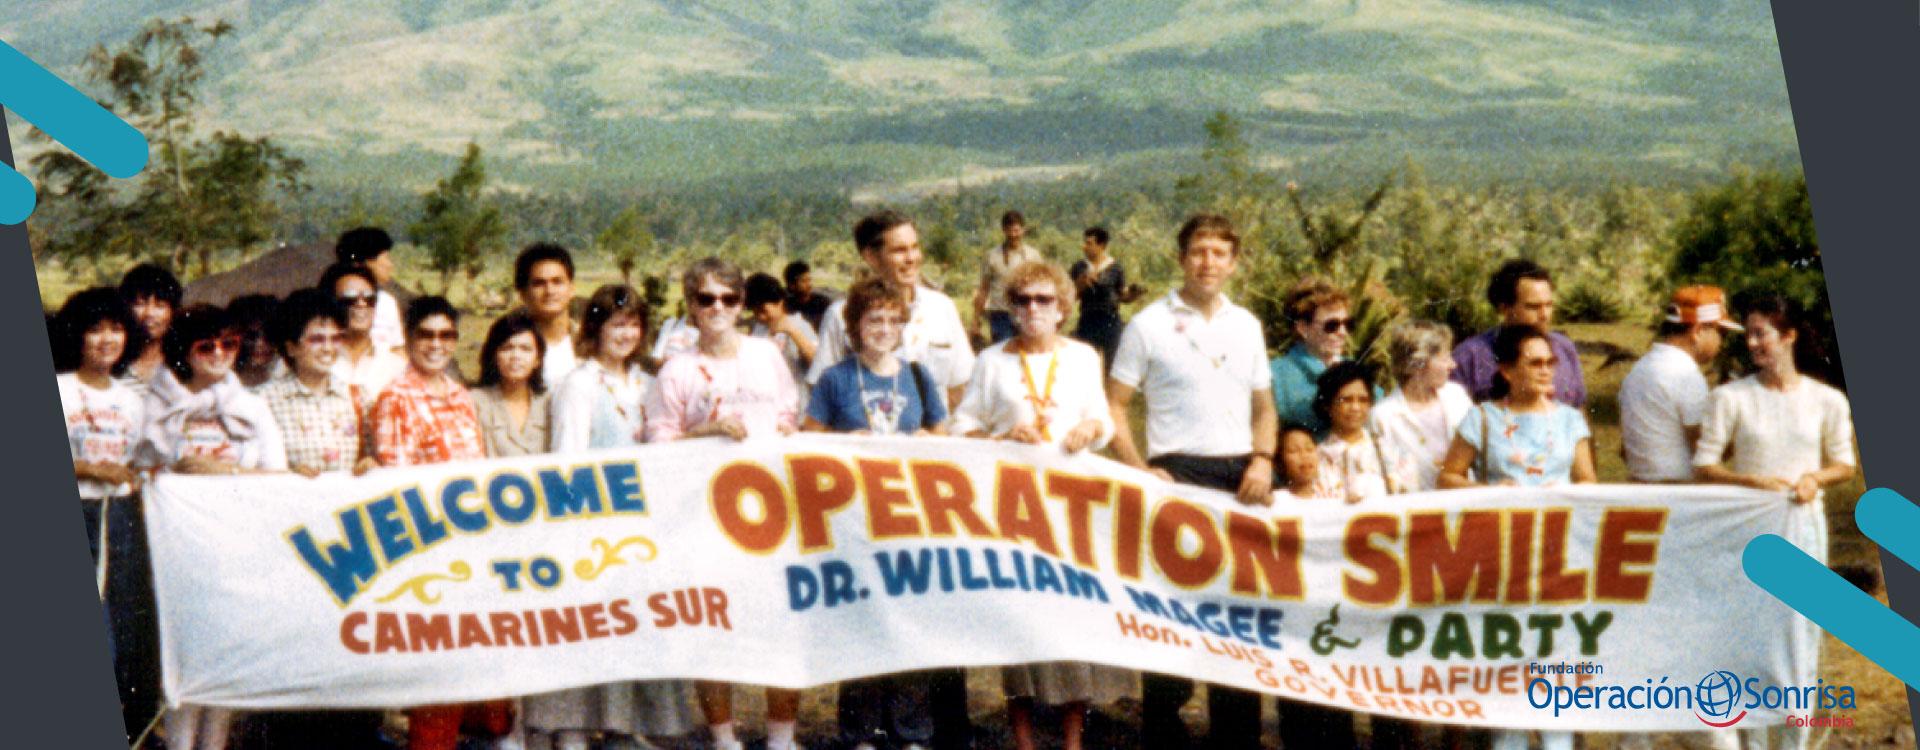 Nuestra historia en Operación Sonrisa Colombia